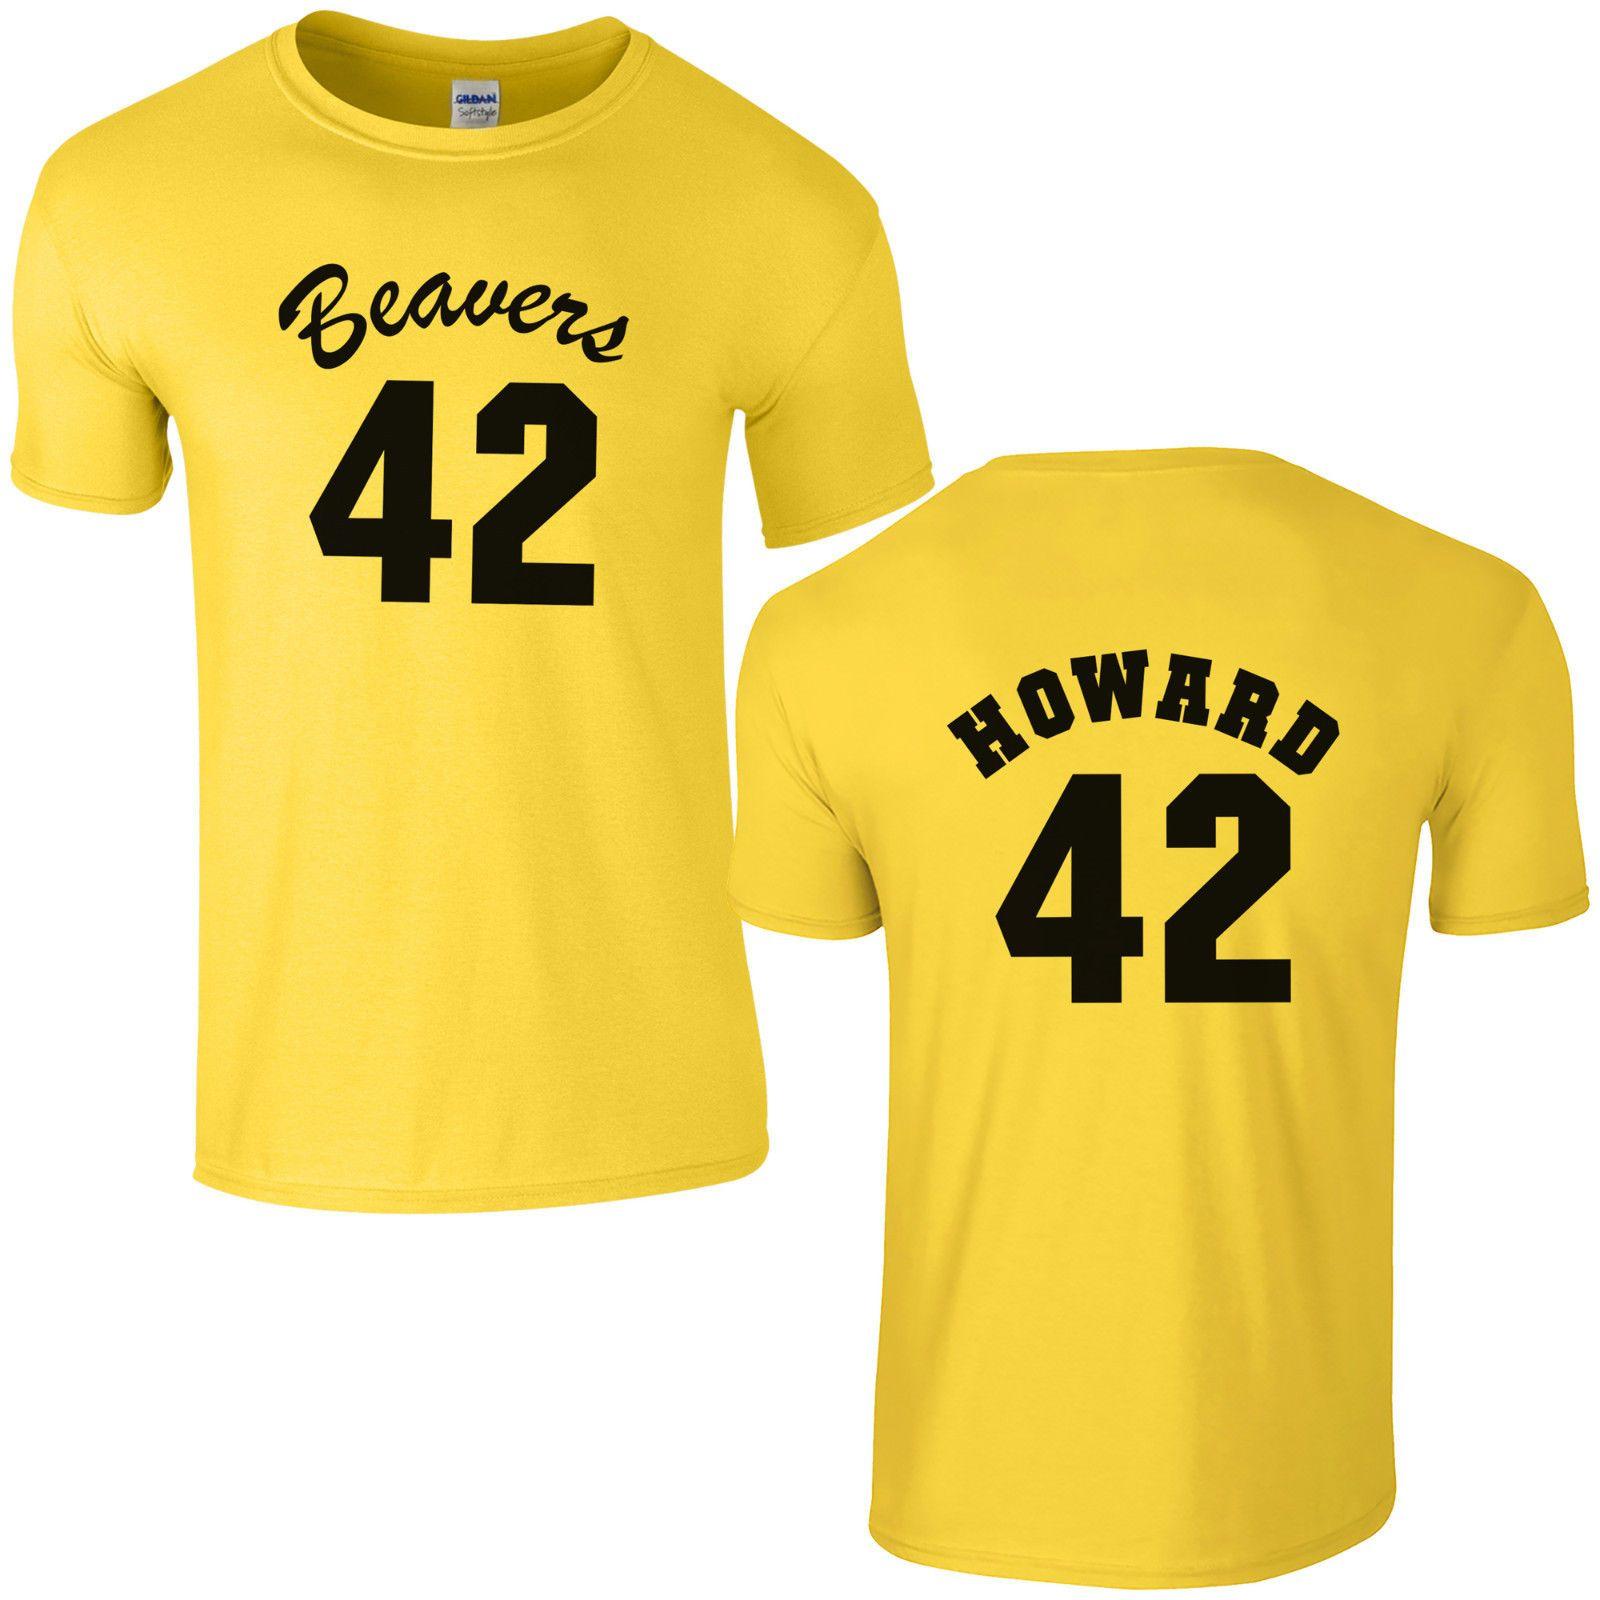 169479900162 Beavers 42 Basketball T-Shirt - Fancy Dress Costume Howard Teen Wolf Mens  Top